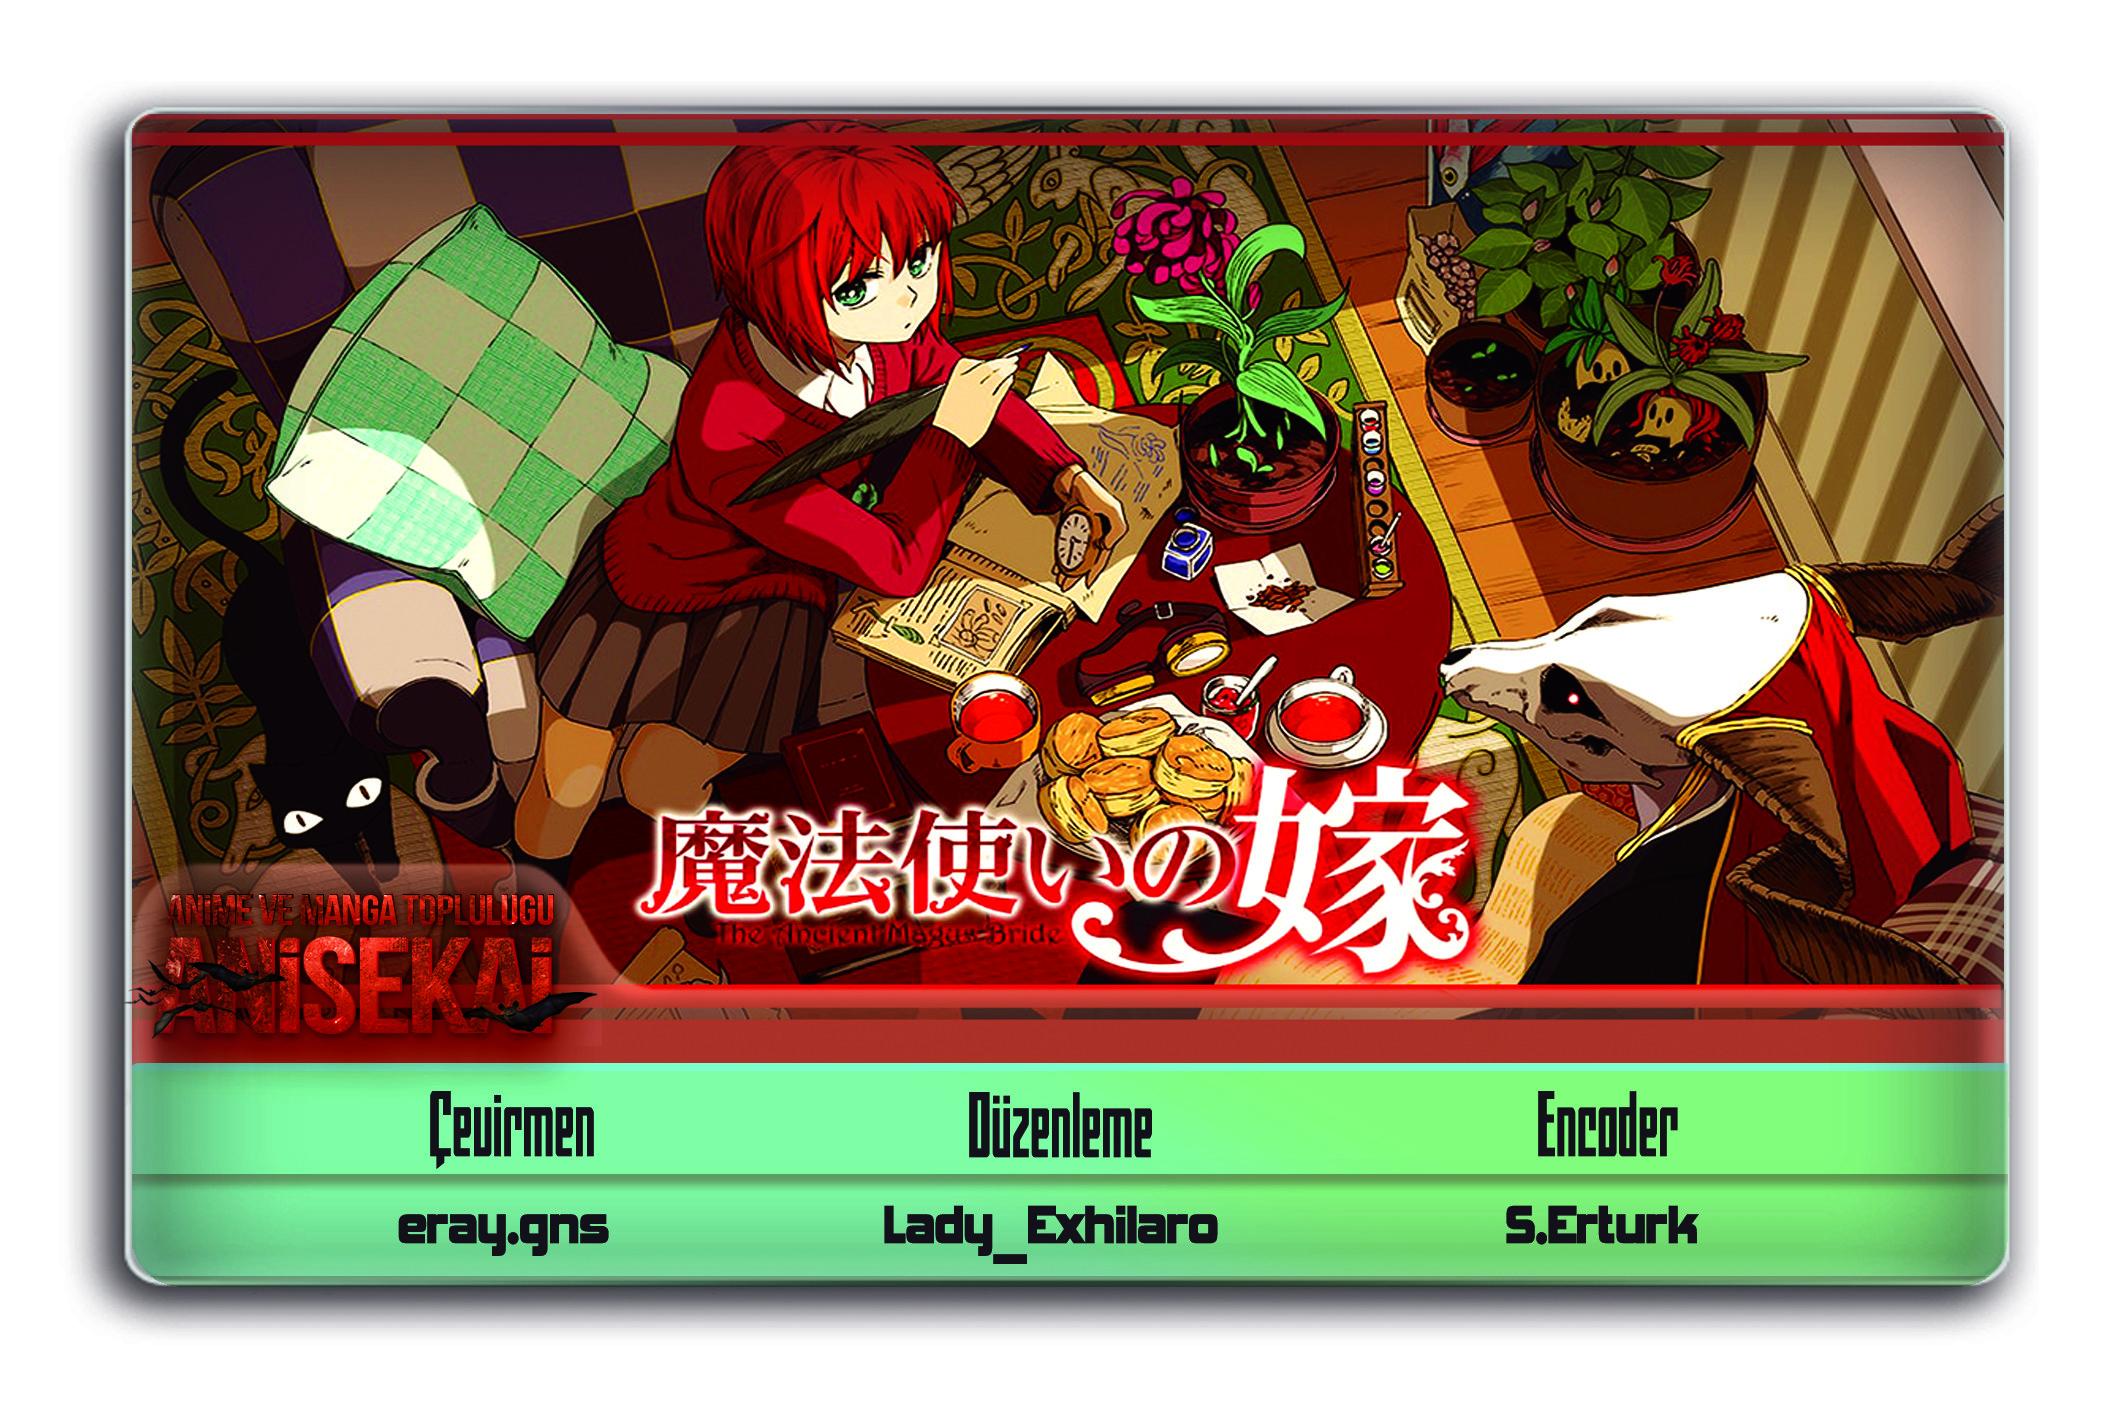 Mahoutsukai no Yome OVA 3. Bölüm eklenmiştir. Seri tamamlanmıştır.